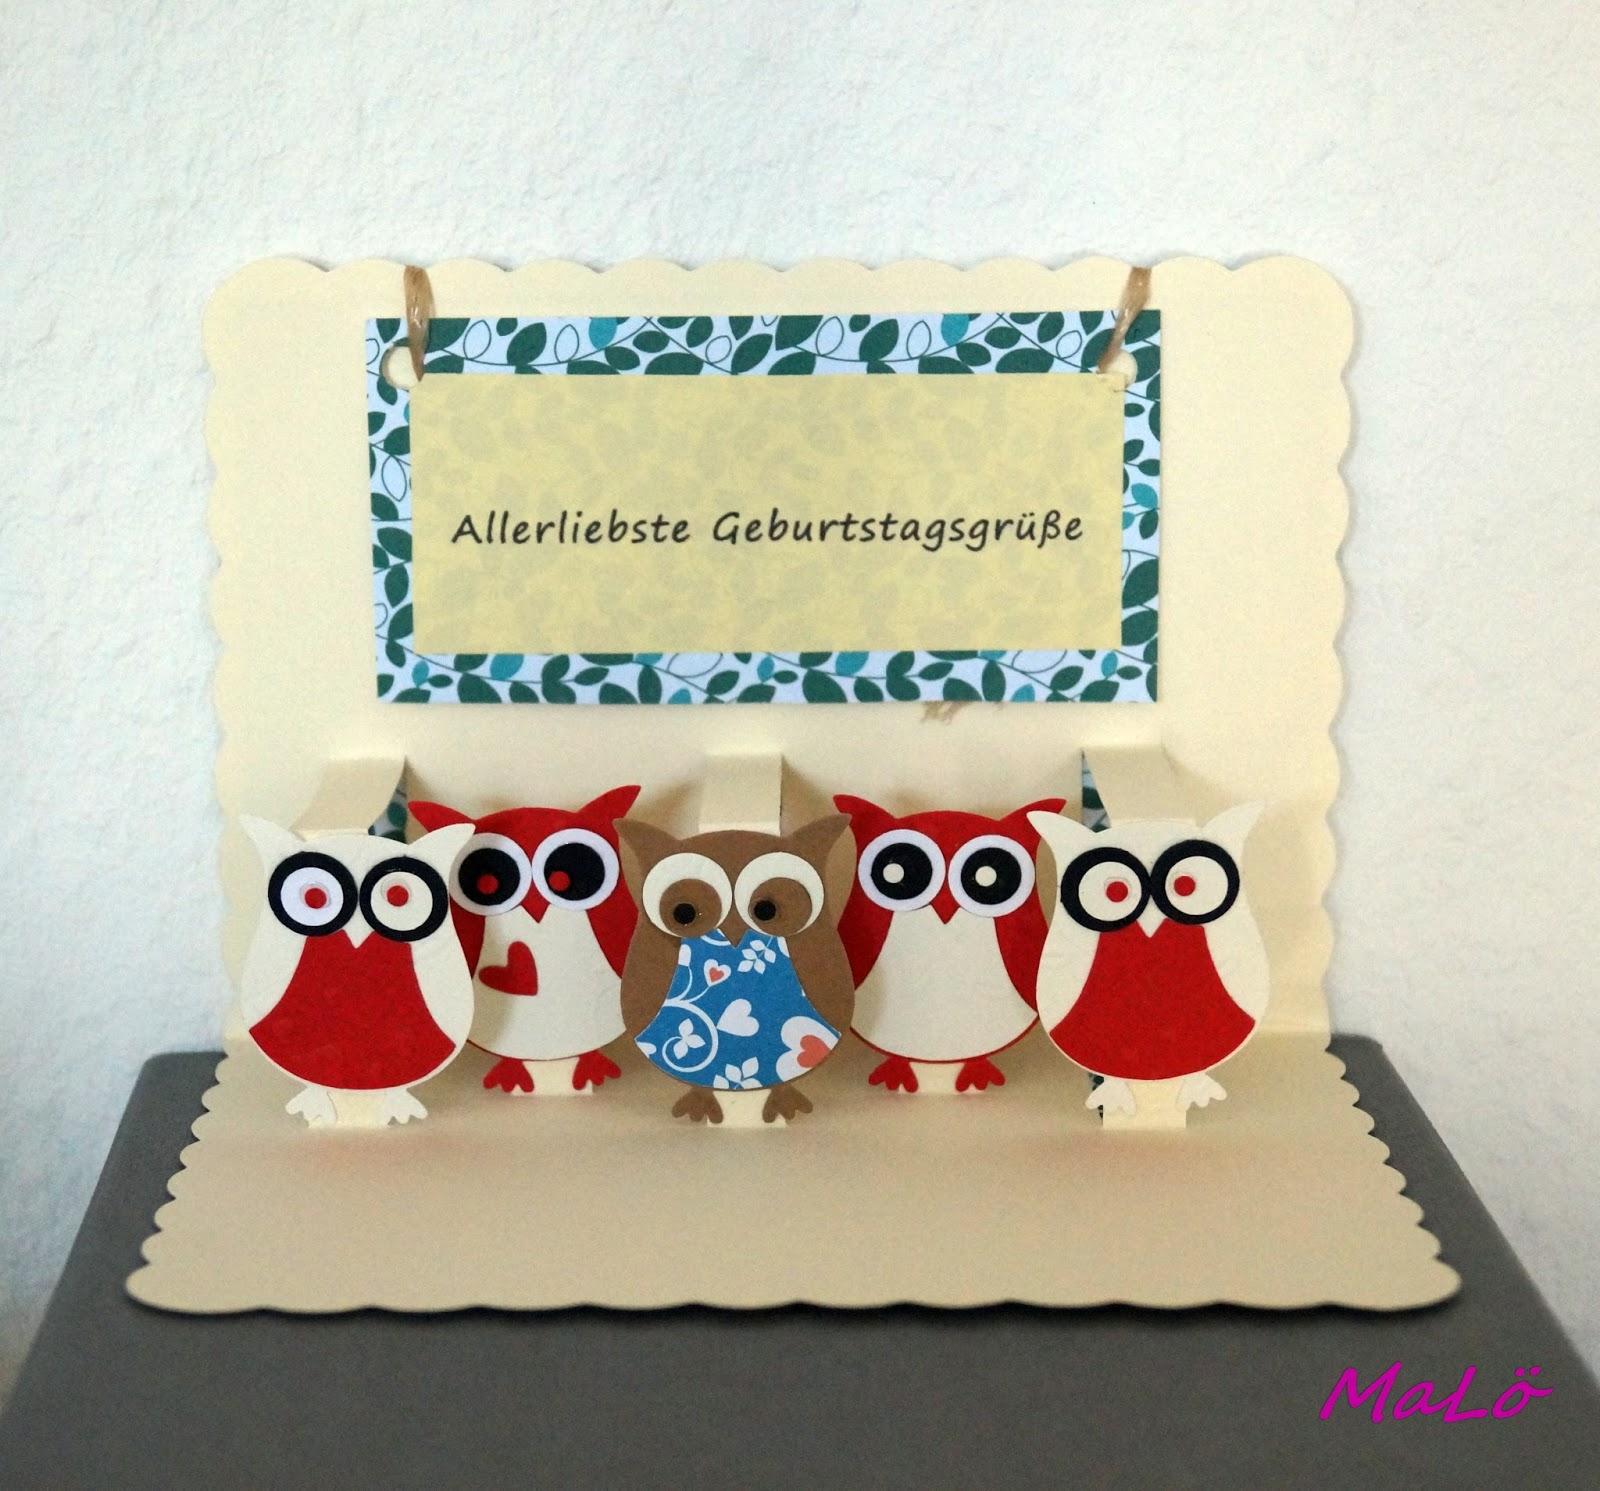 Geburtstagskarte basteln pop up geburtstagskarten basteln 30 tolle ideen mit anleitung - Geburtstagskarte basteln pop up ...